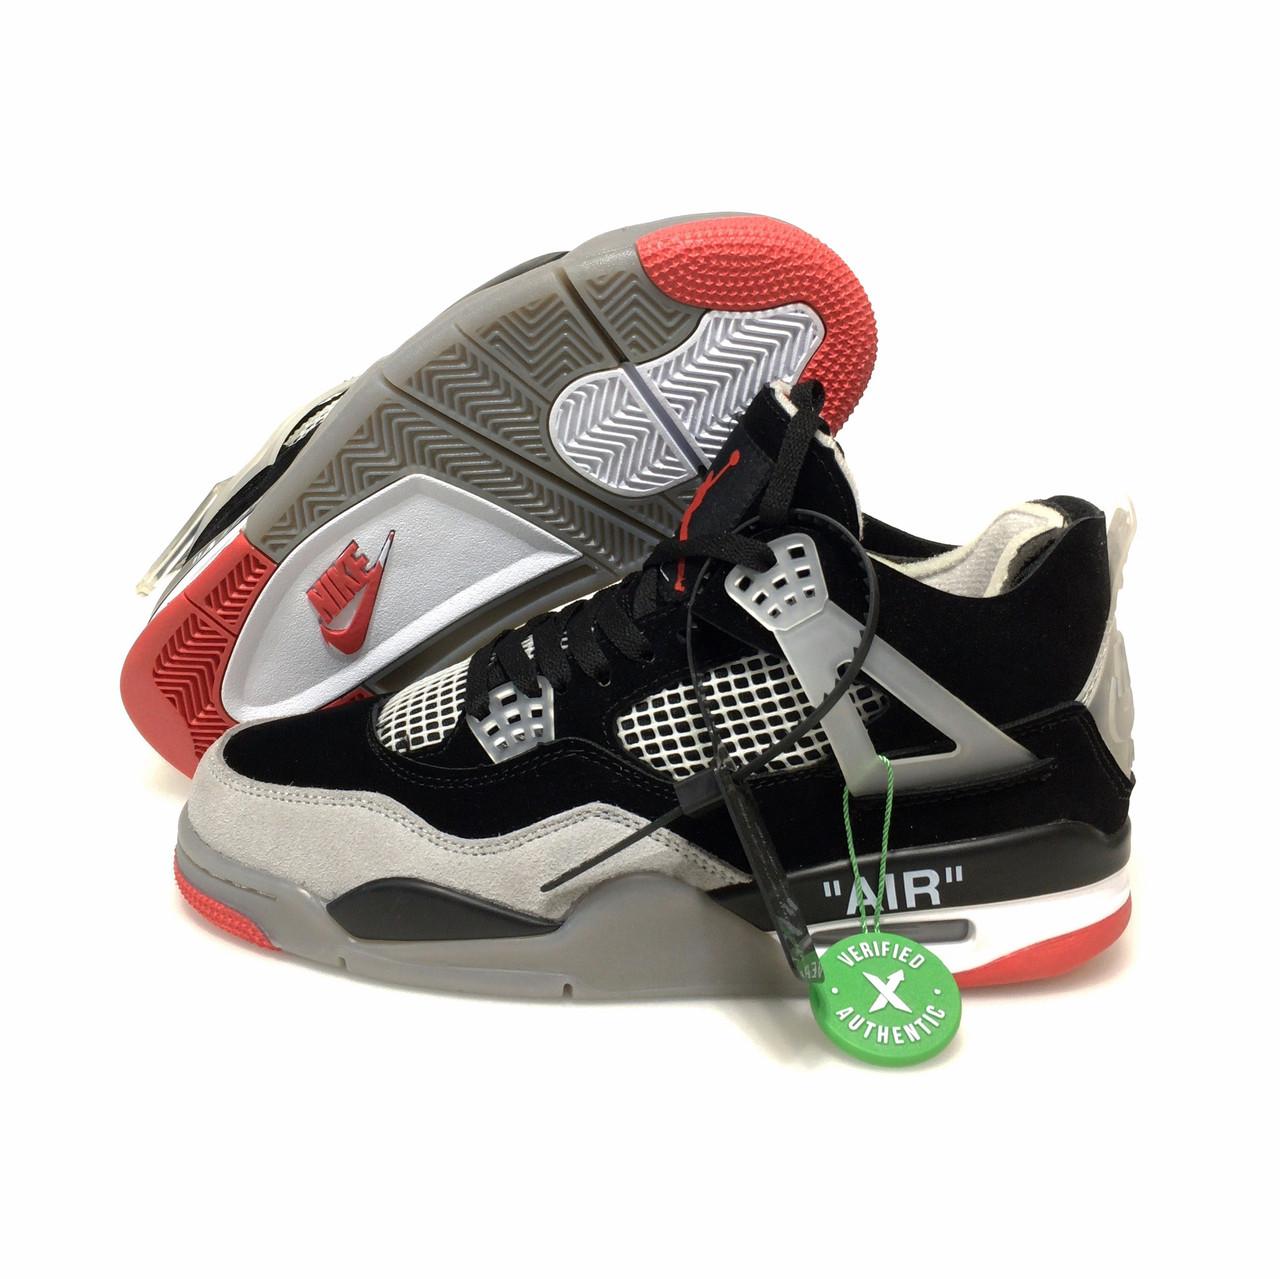 Мужские баскетбольные кроссовки Off-White x Air Jordan 4 retro